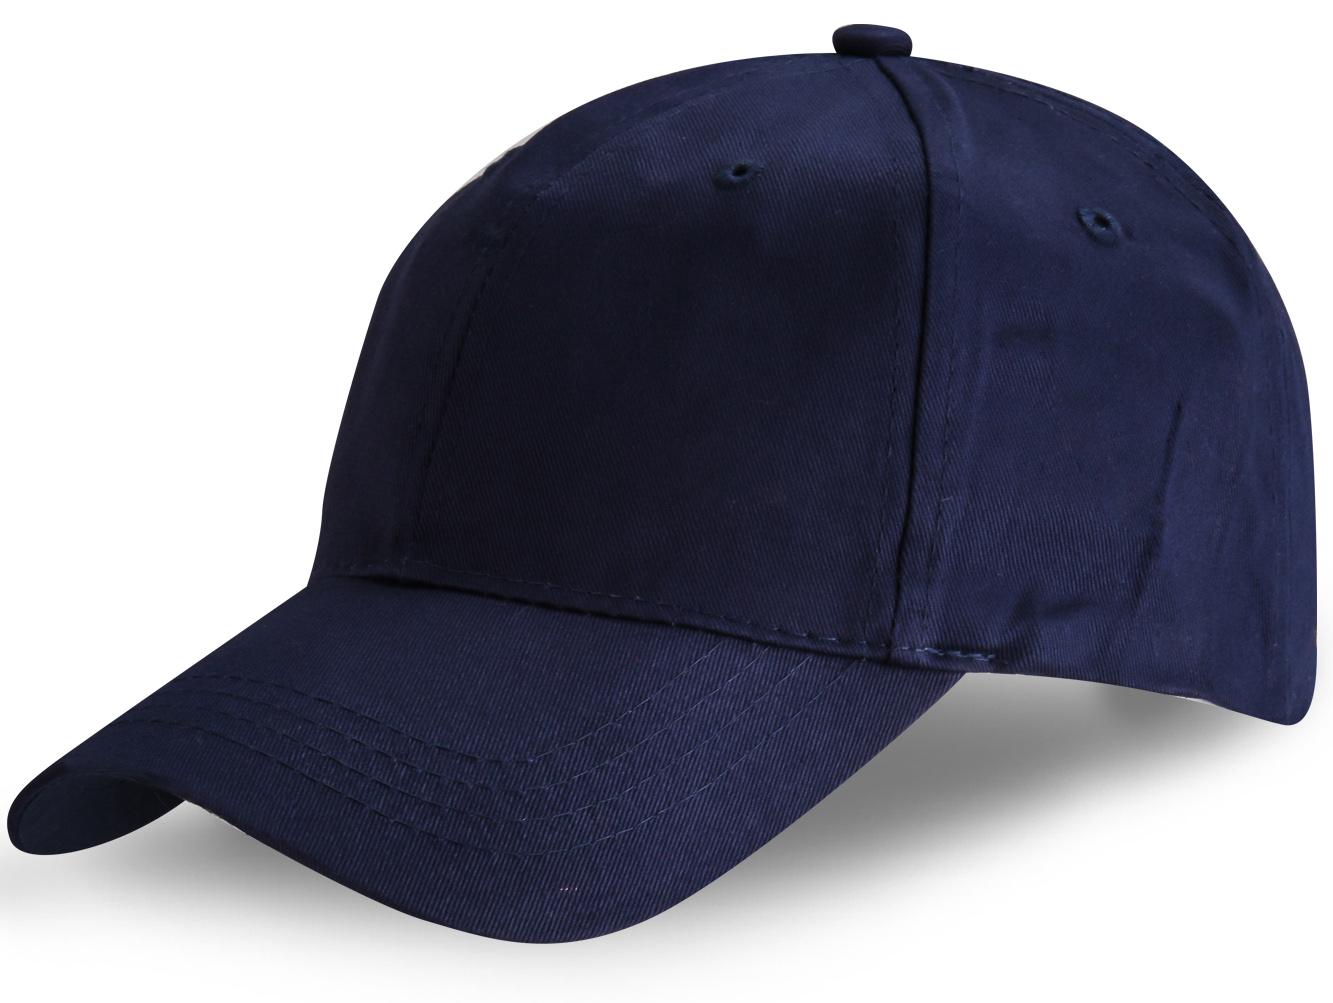 Темно-синяя кепка - купить в интернет-магазине с доставкой